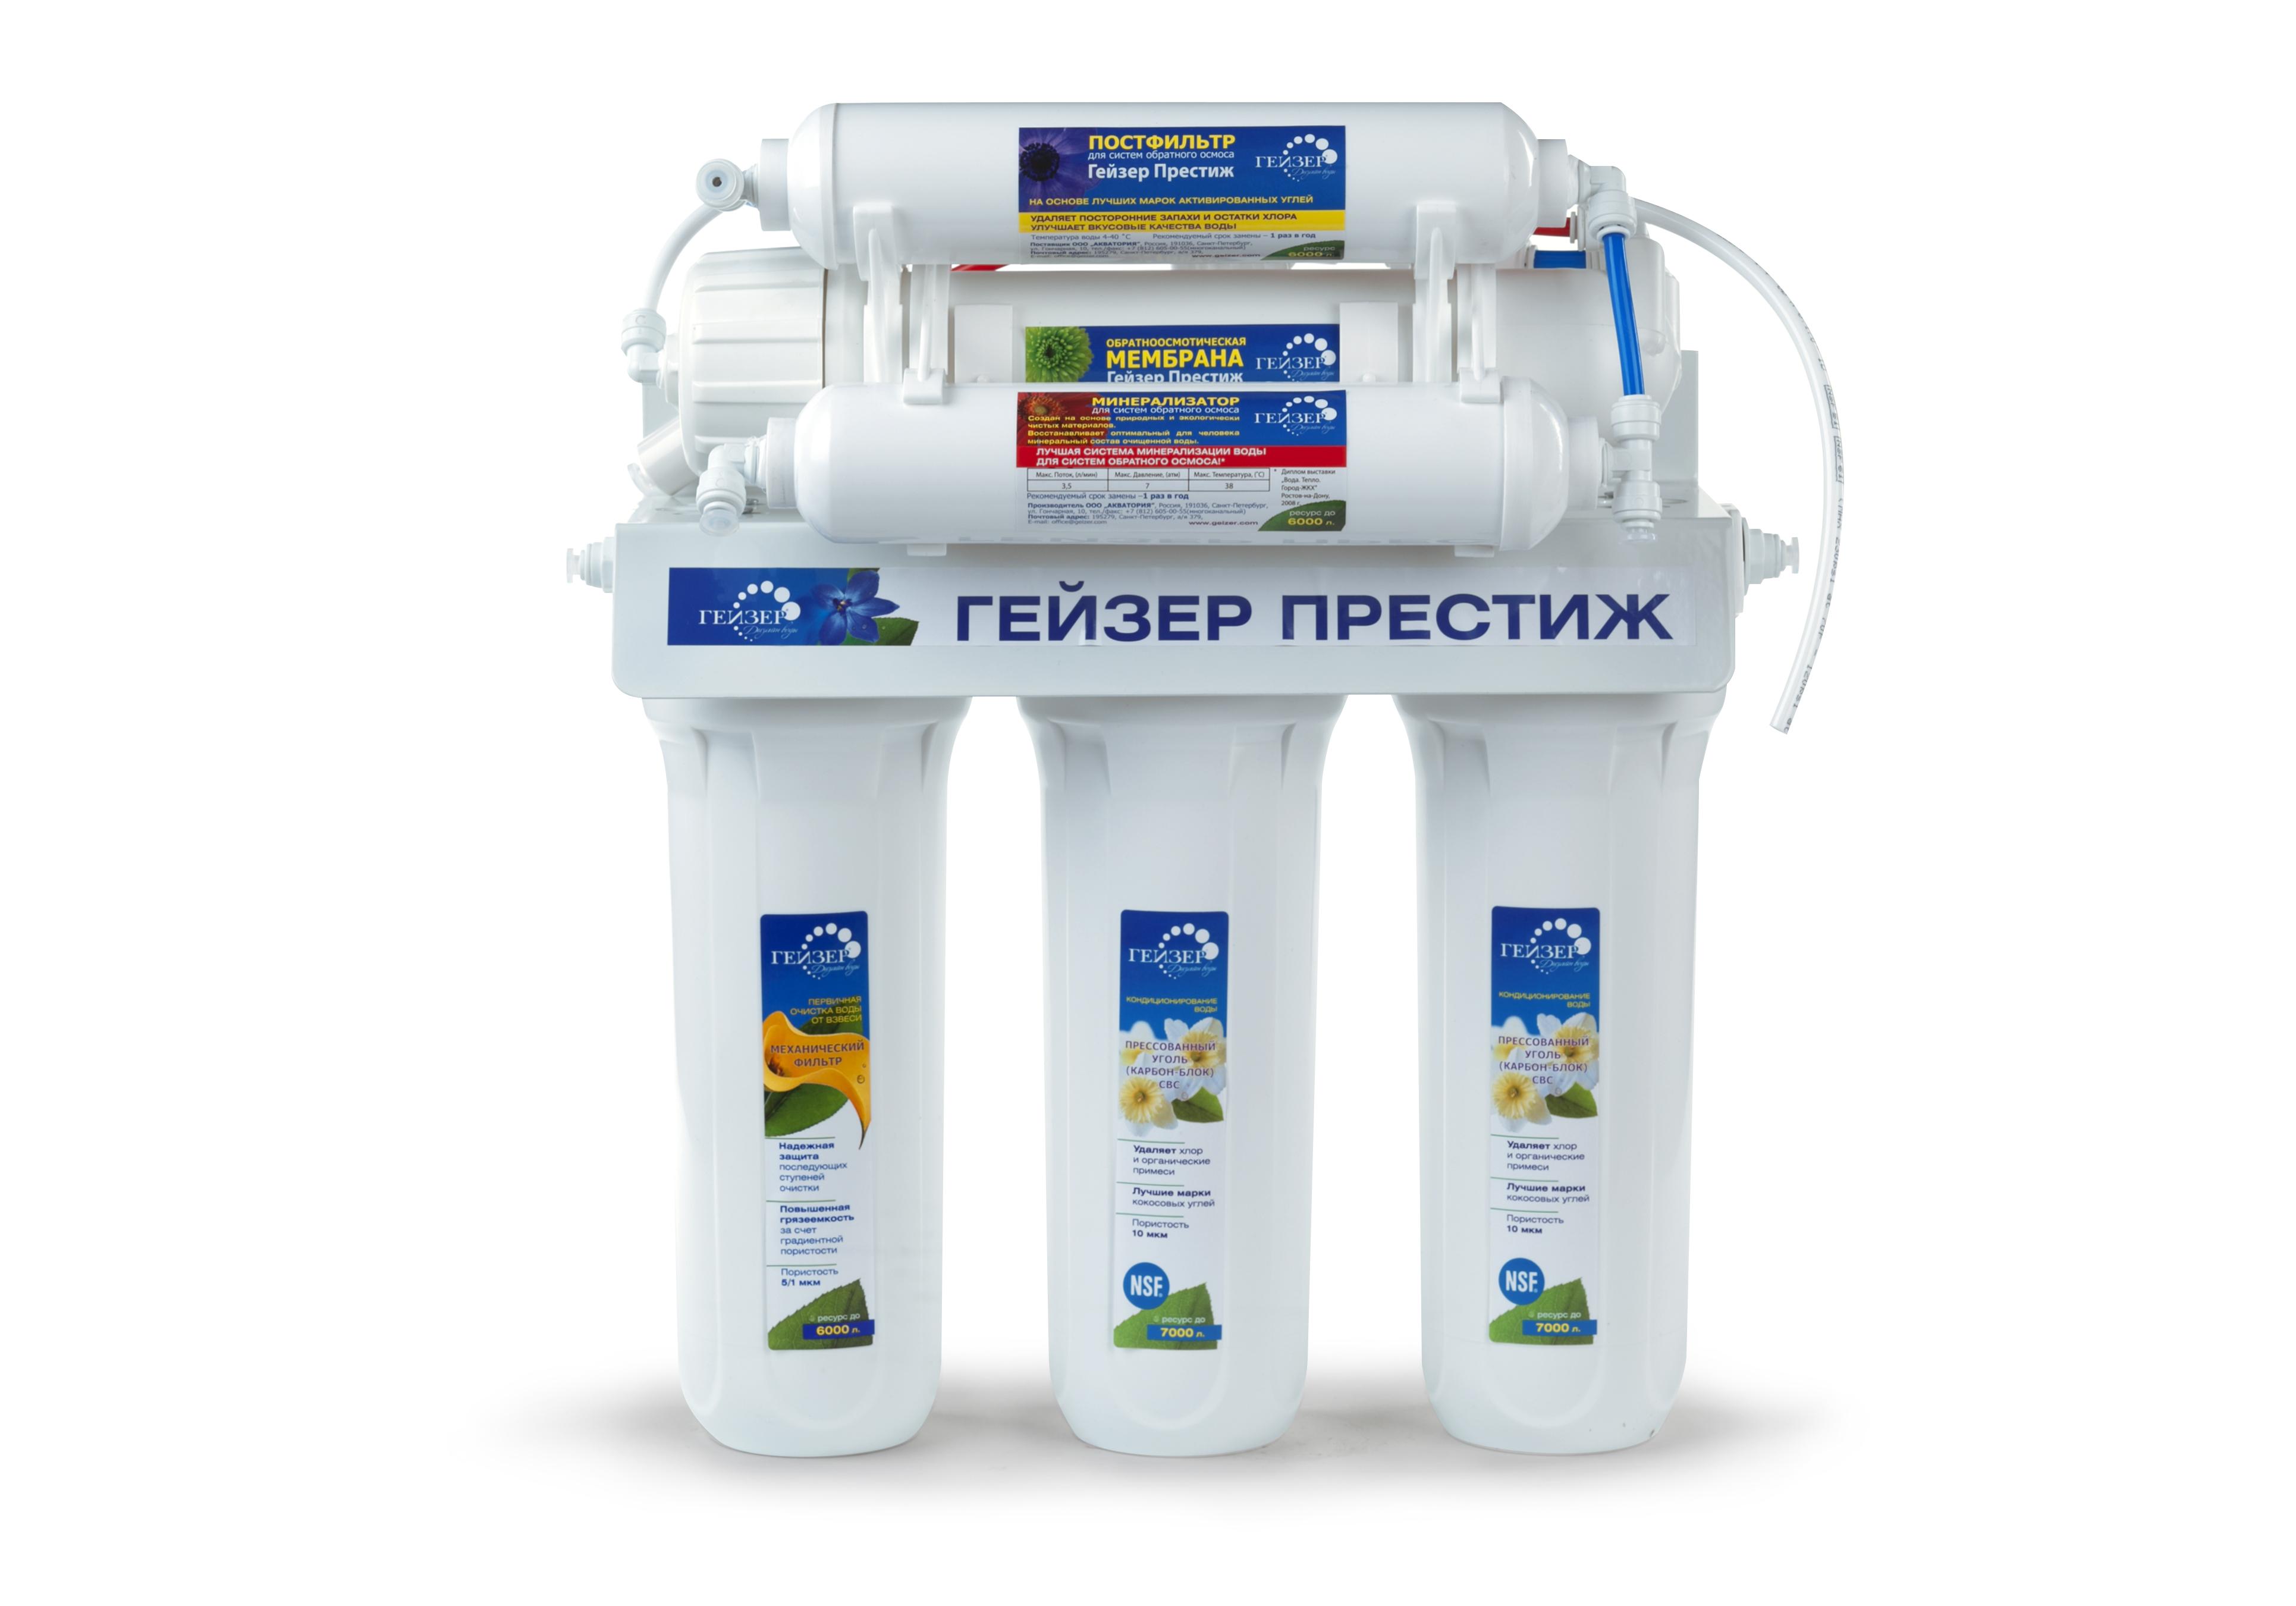 Фильтр для очистки воды ГЕЙЗЕР Престиж-m